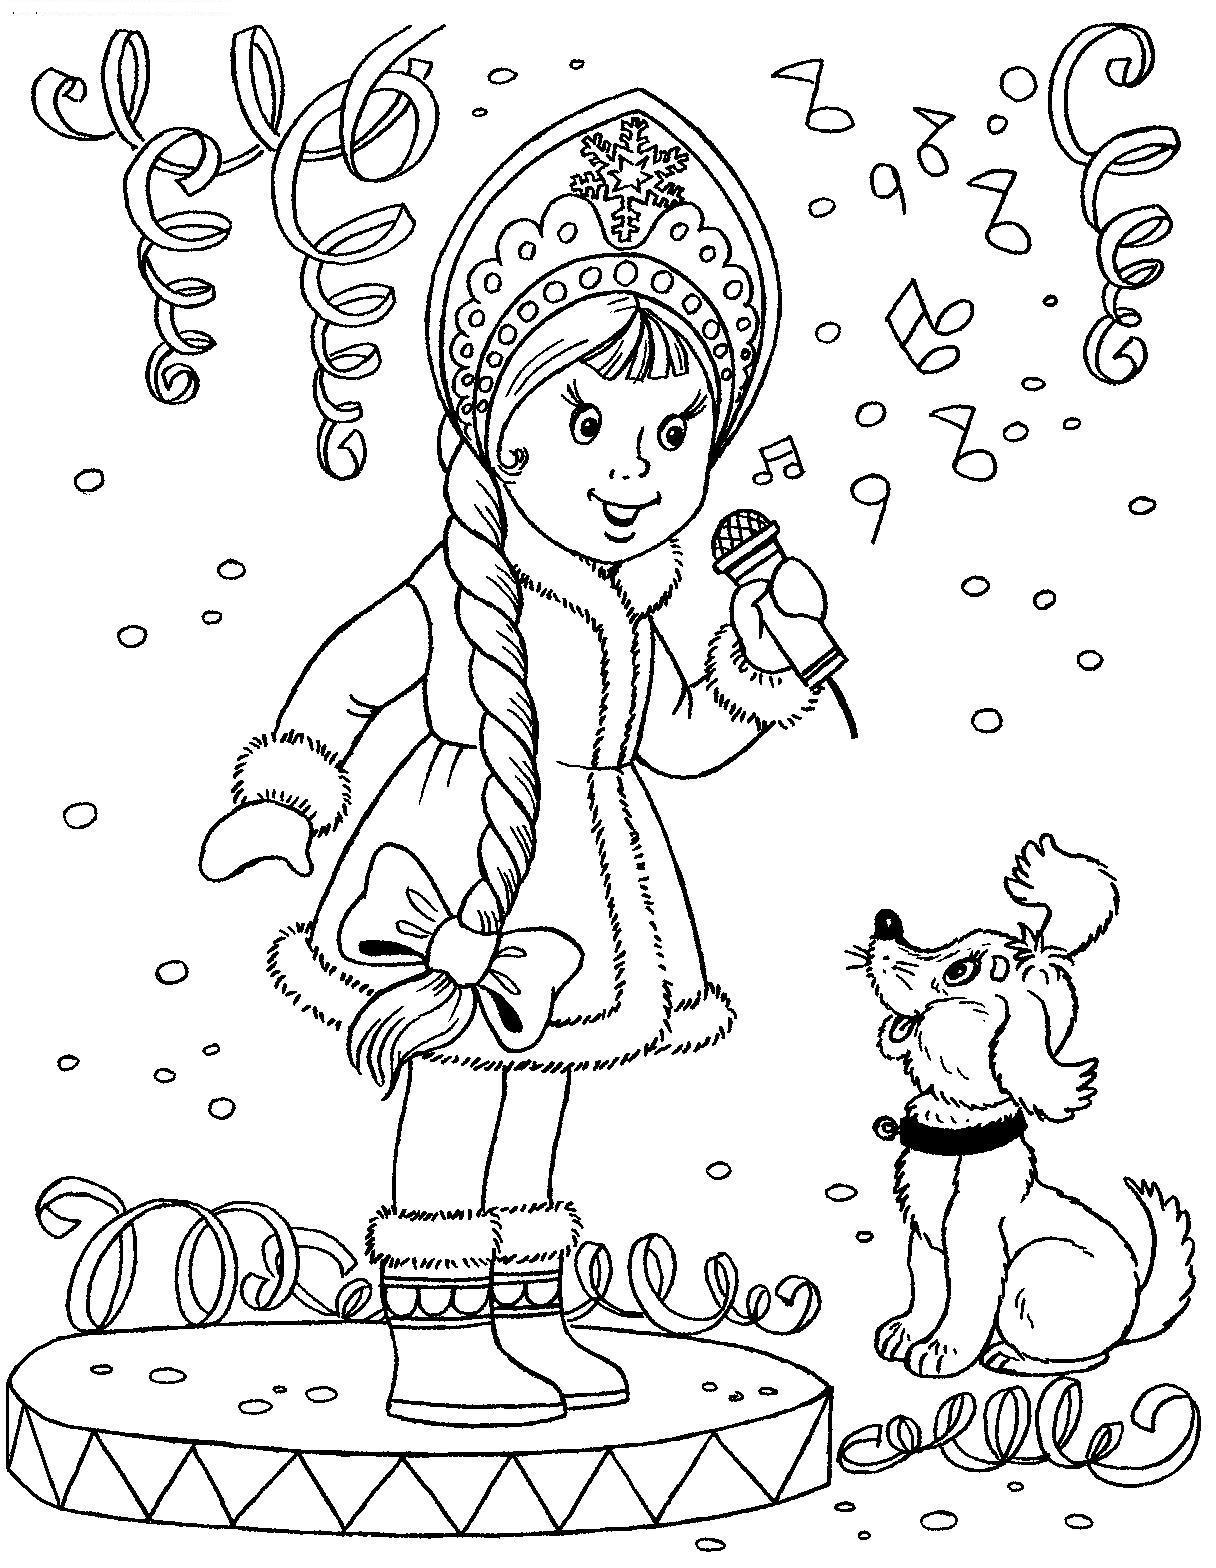 Снегурочка поет на сцене Раскраски зима скачать бесплатно